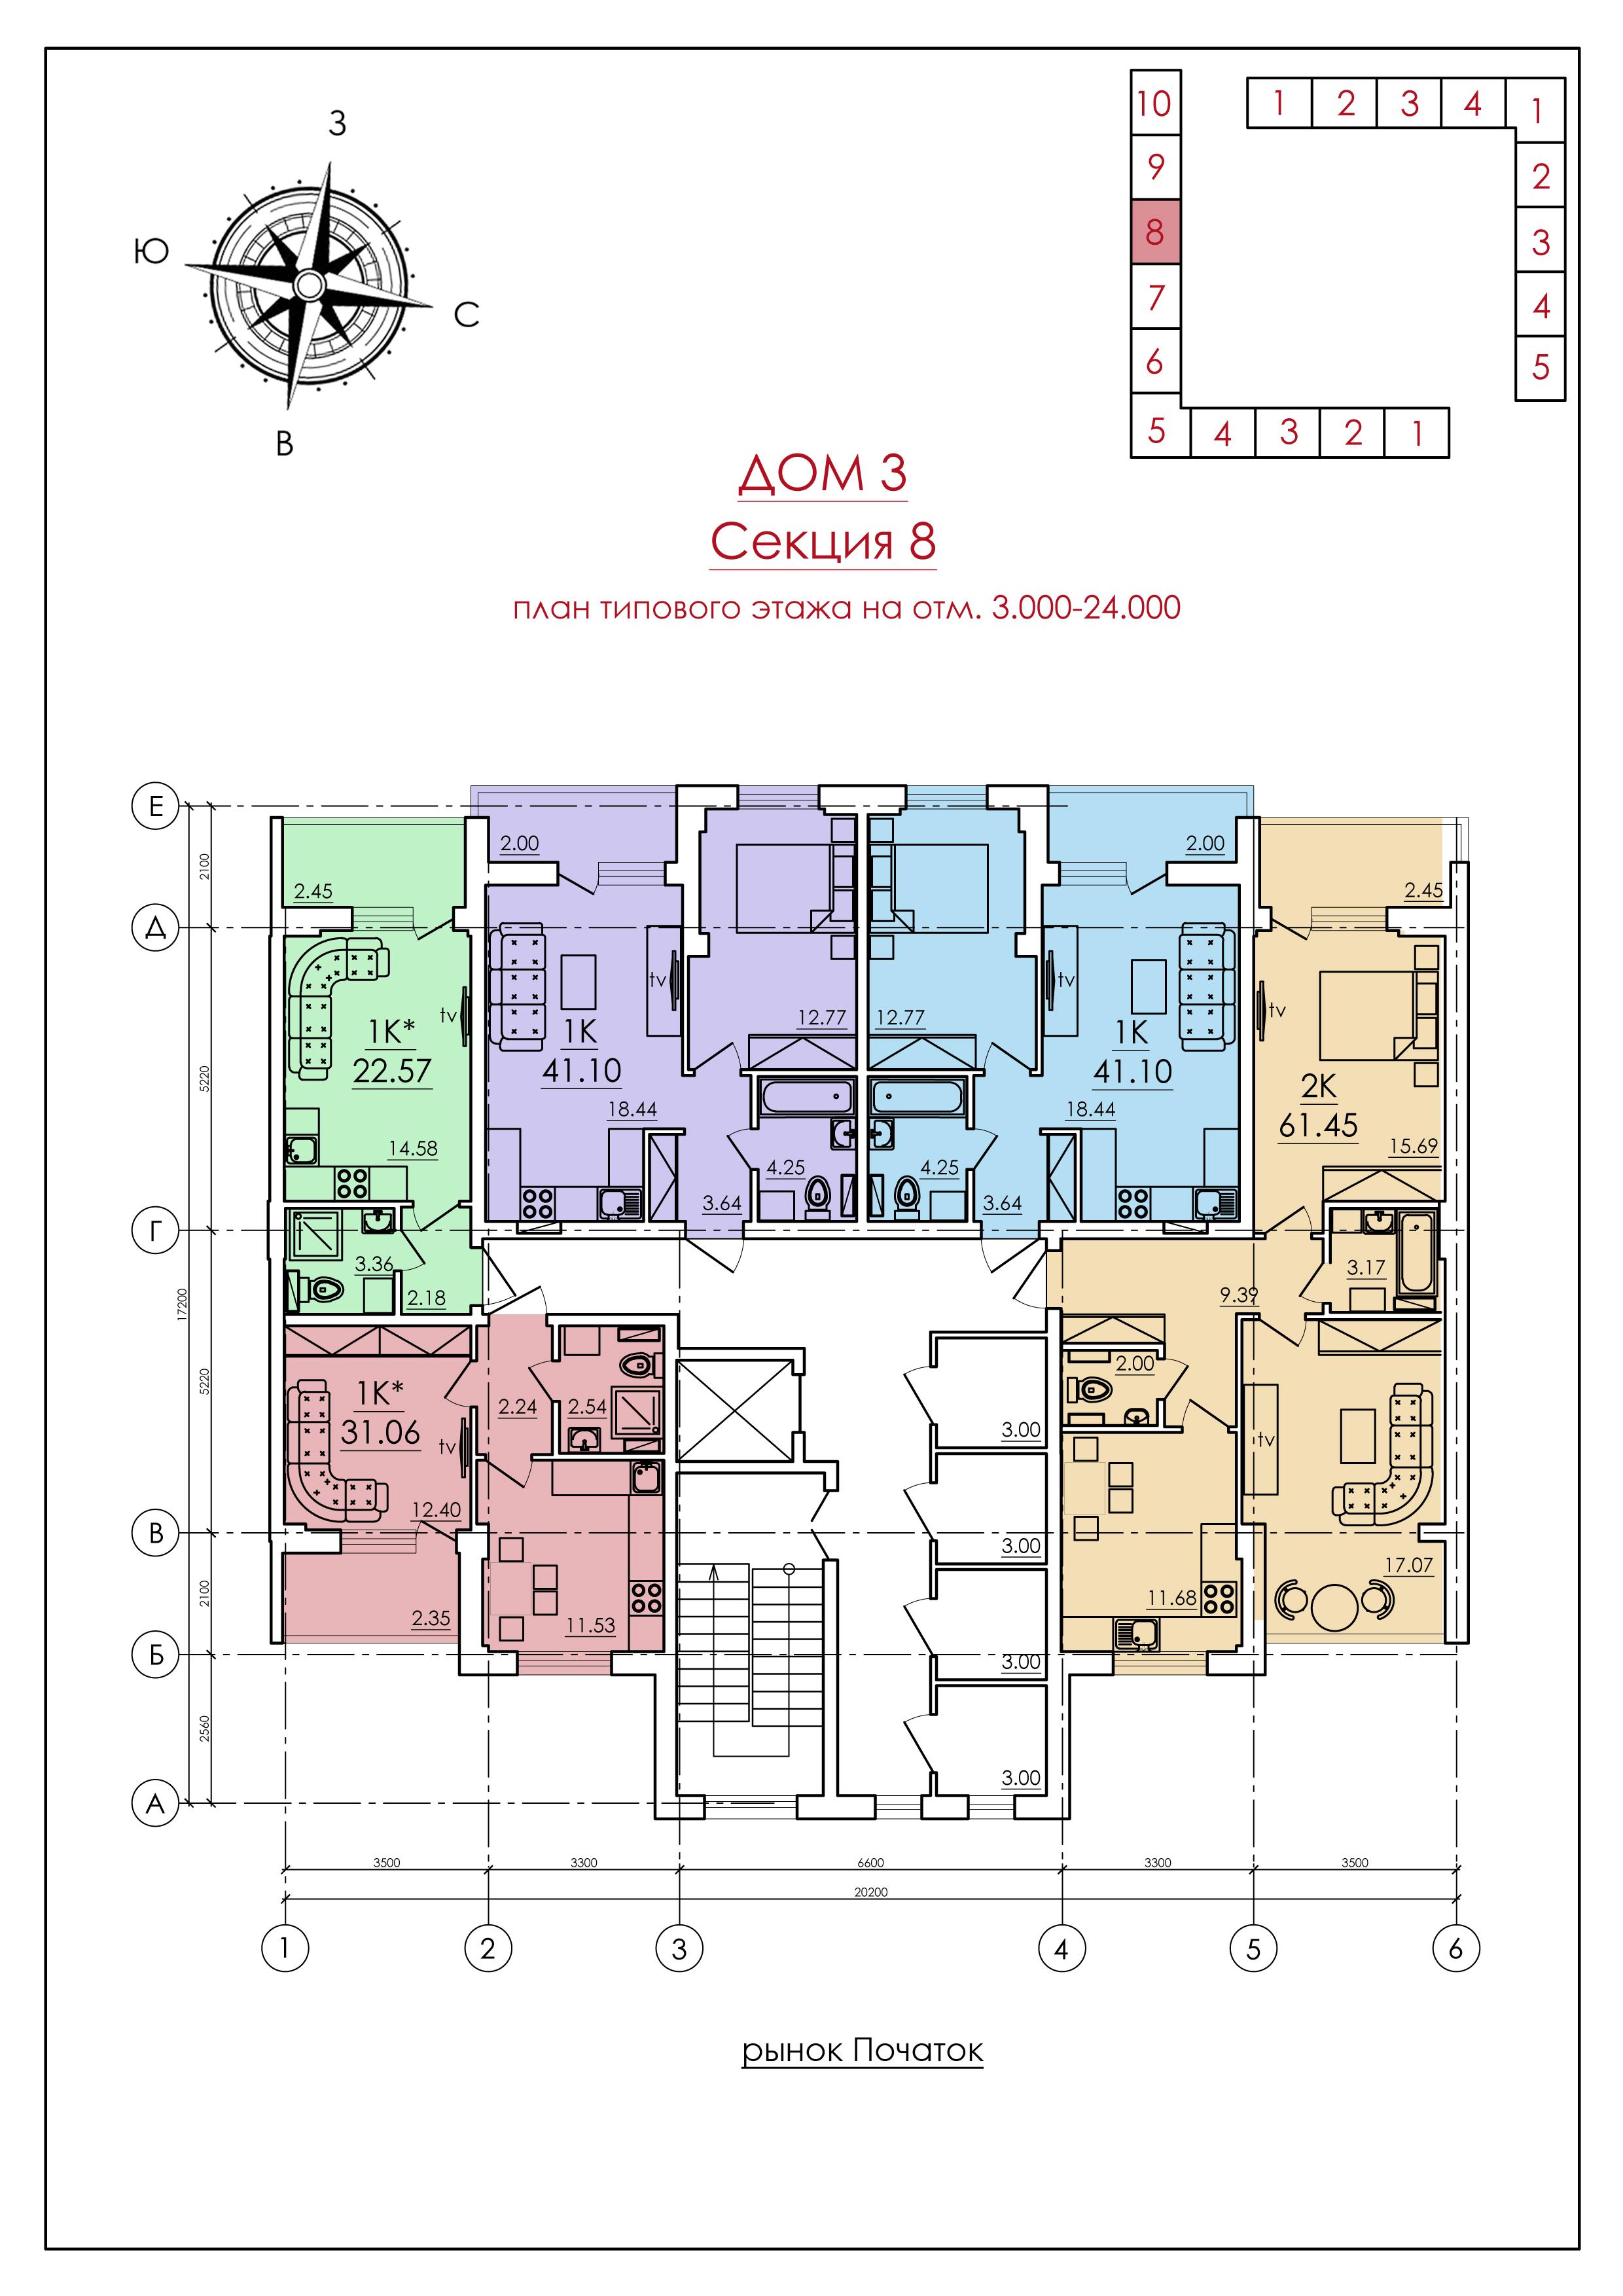 ЖК ECO Solaris (ЭКО Соларис ) / Дом №3 / 8 секция / План типового этажа